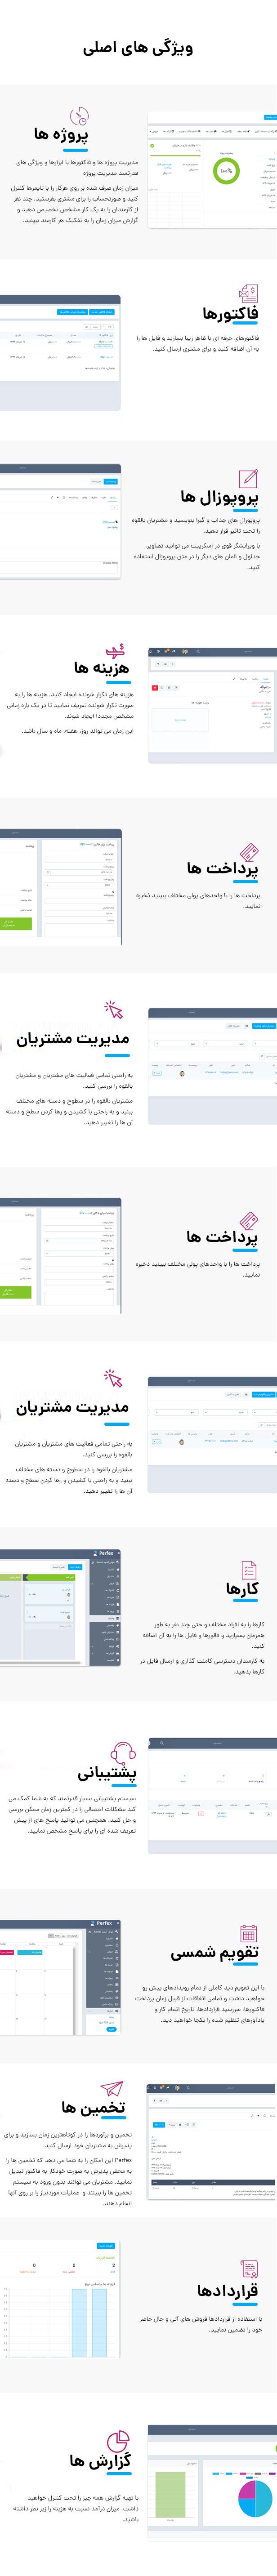 اسکریپت مدیریت ارتباط با مشتری Perfex CRM | اسکریپت پرفکس CRM فارسی